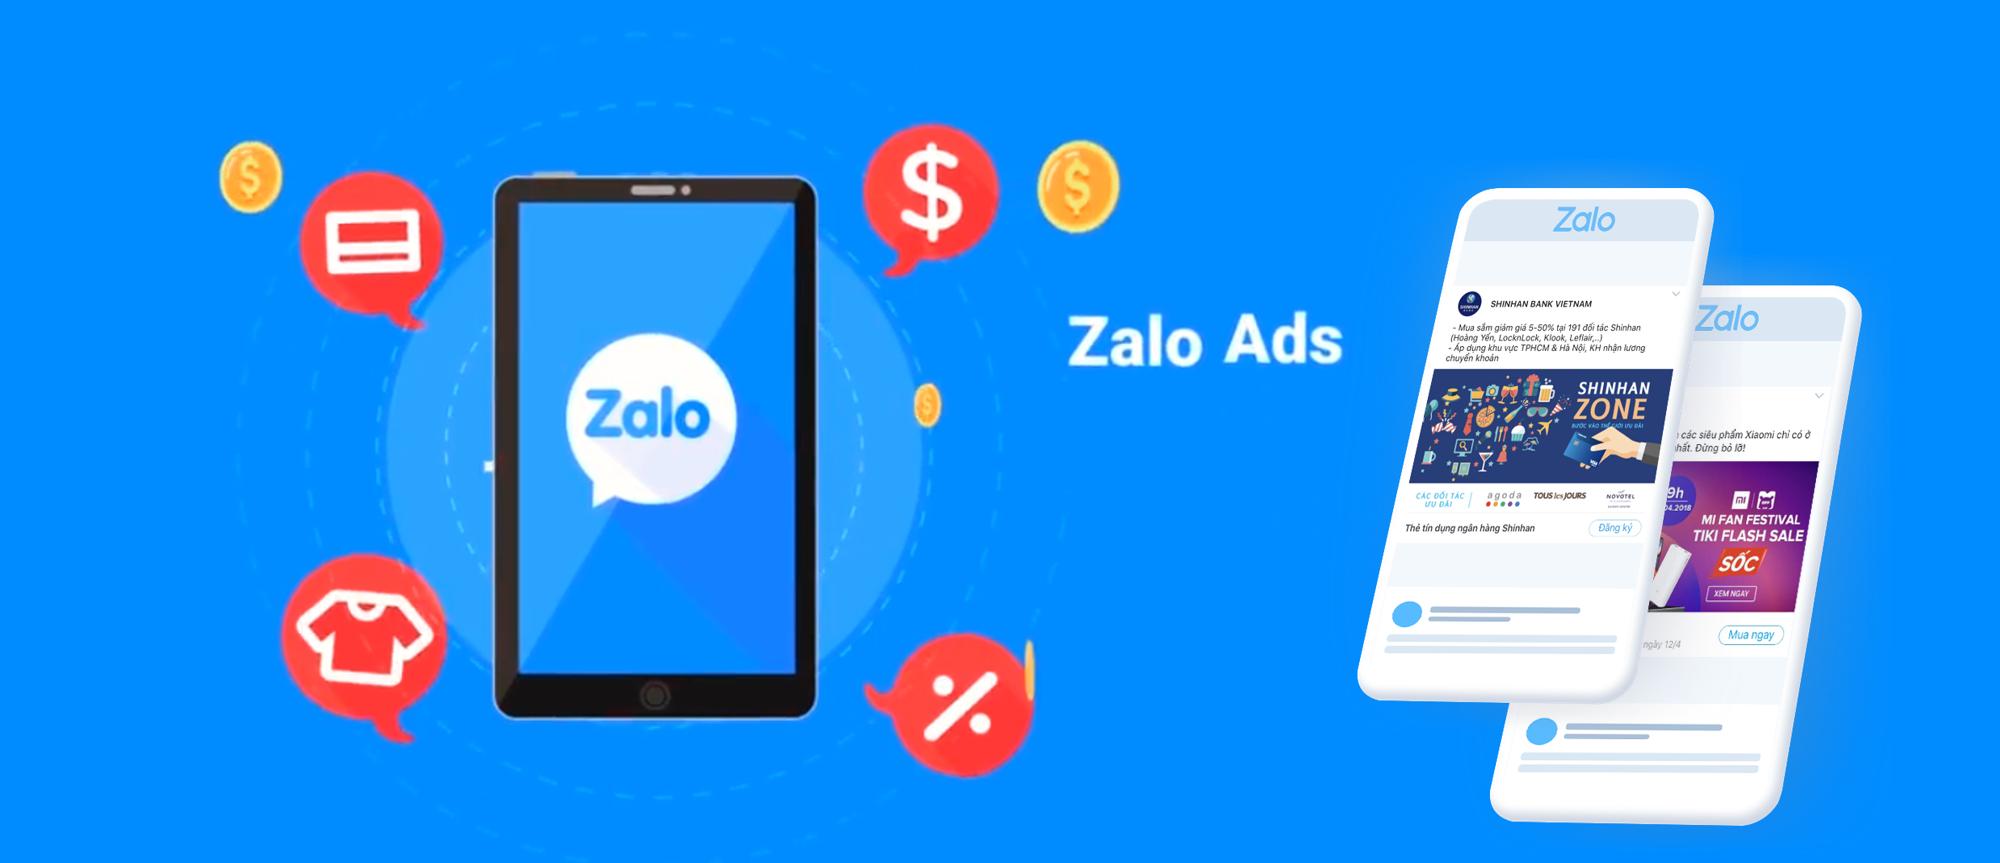 Khái niệm về Zalo page điều bạn cần biết